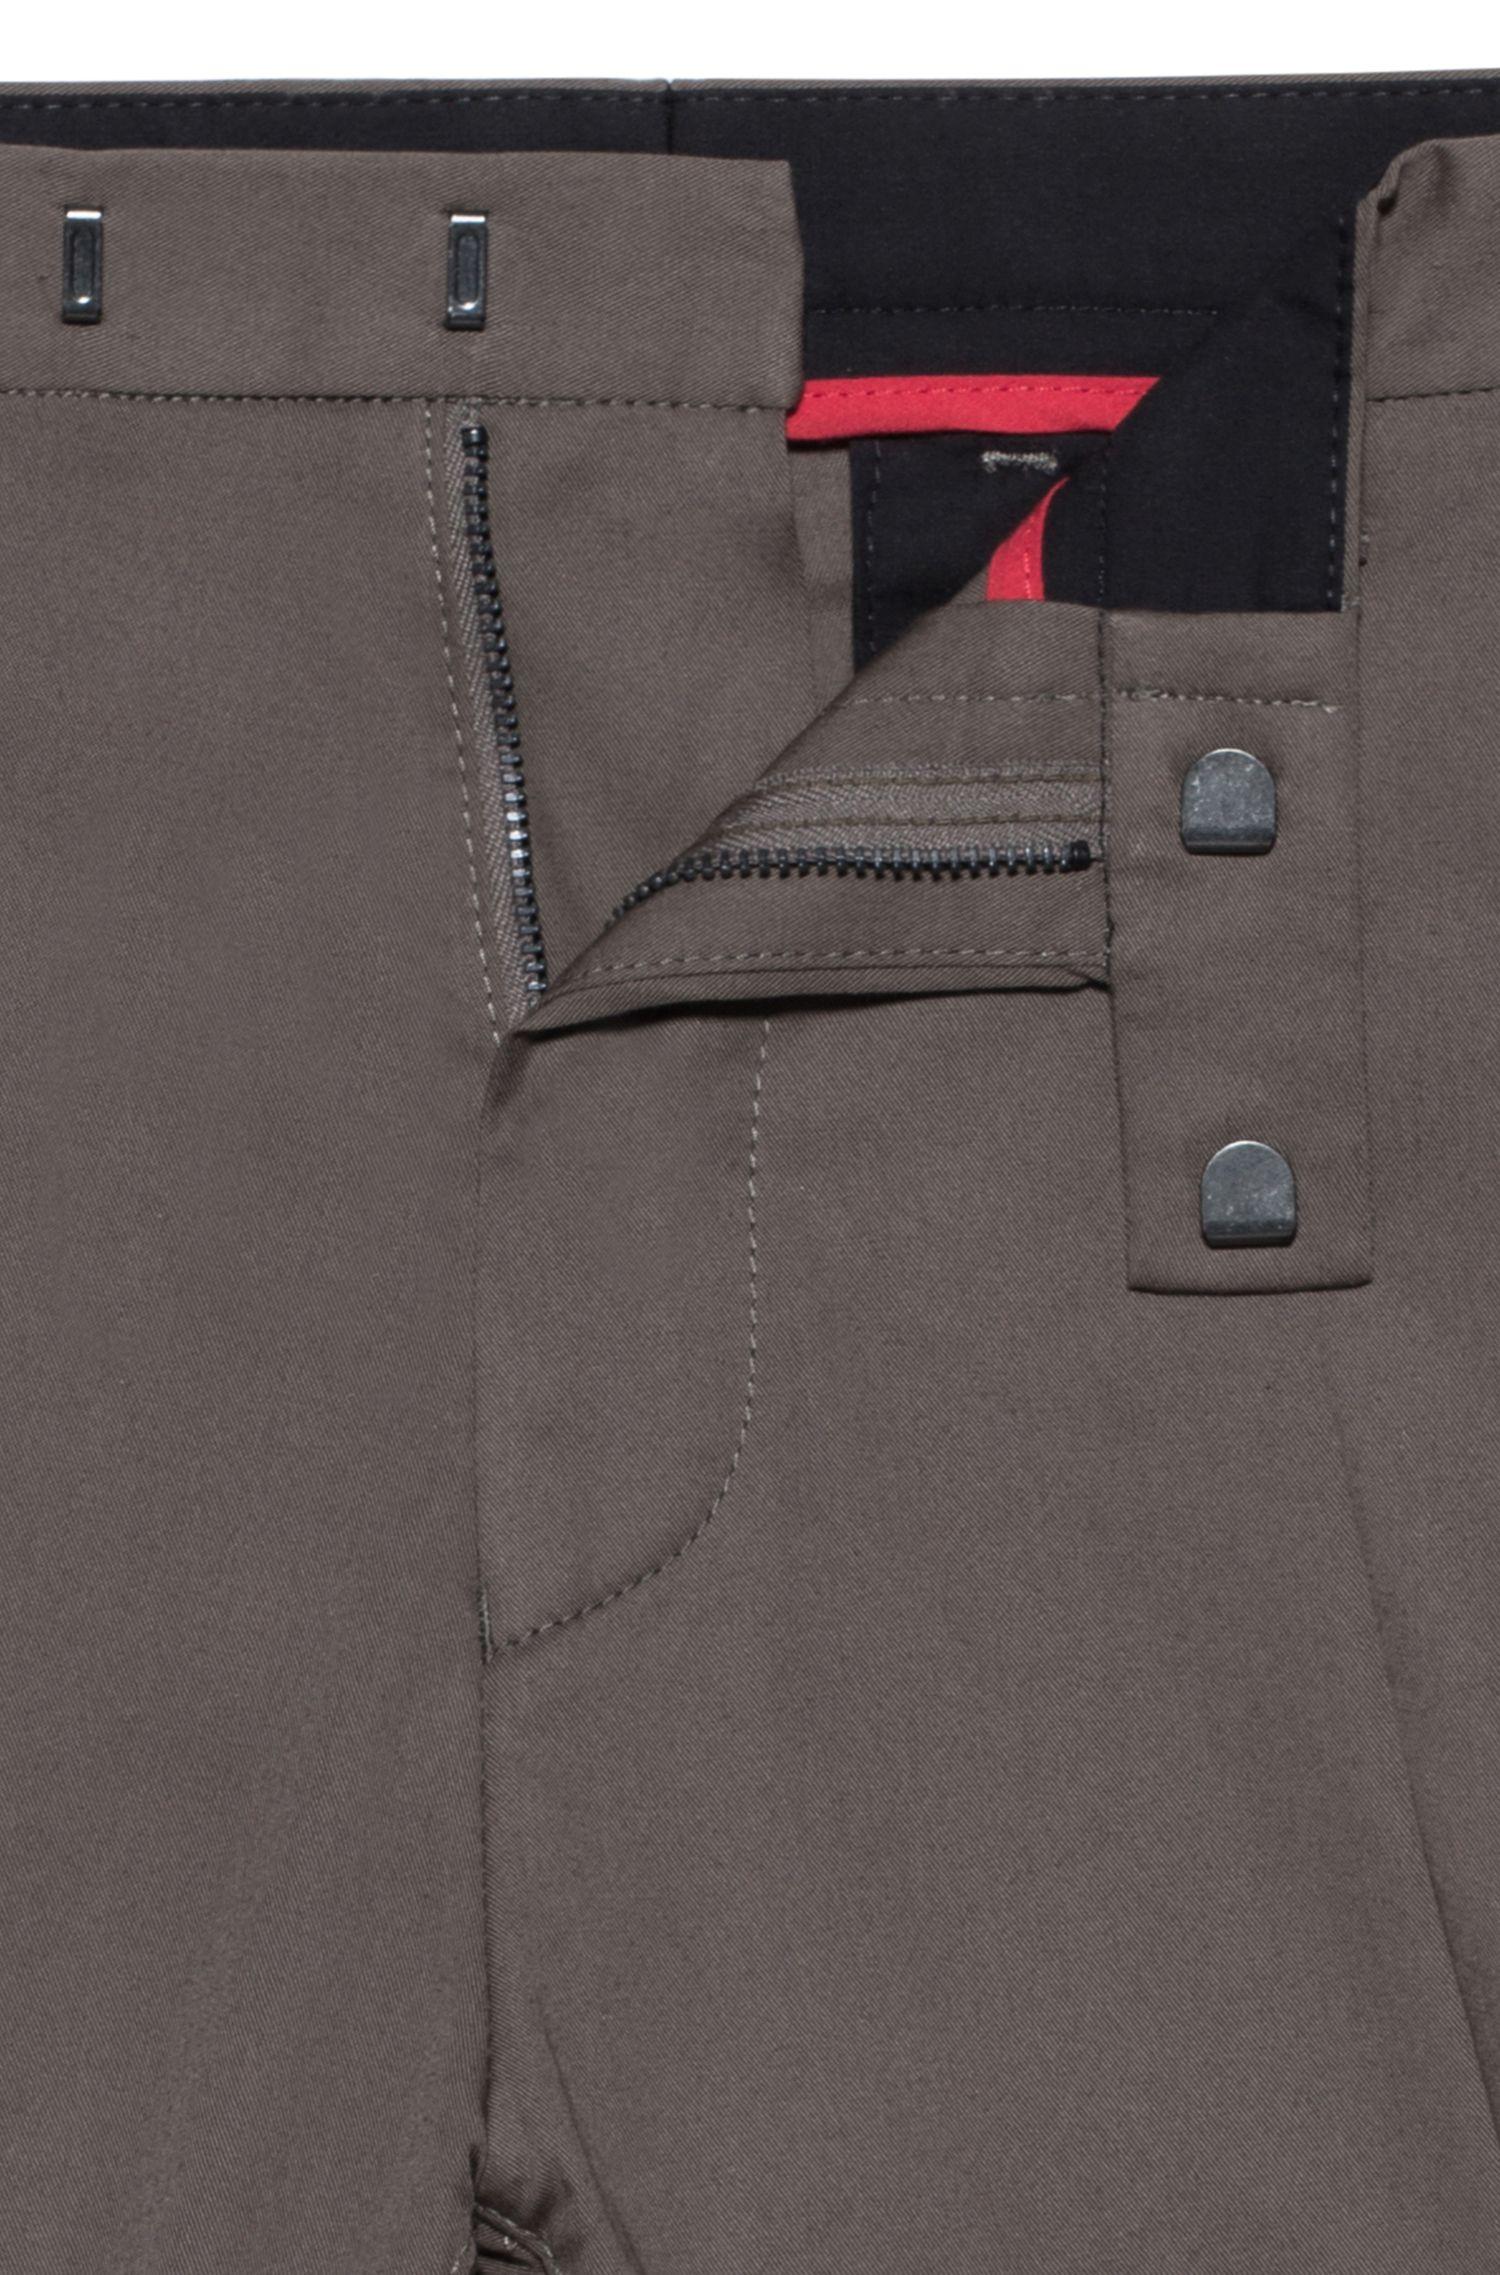 Shorts slim fit en algodón elástico con detalles en contraste, Marrón